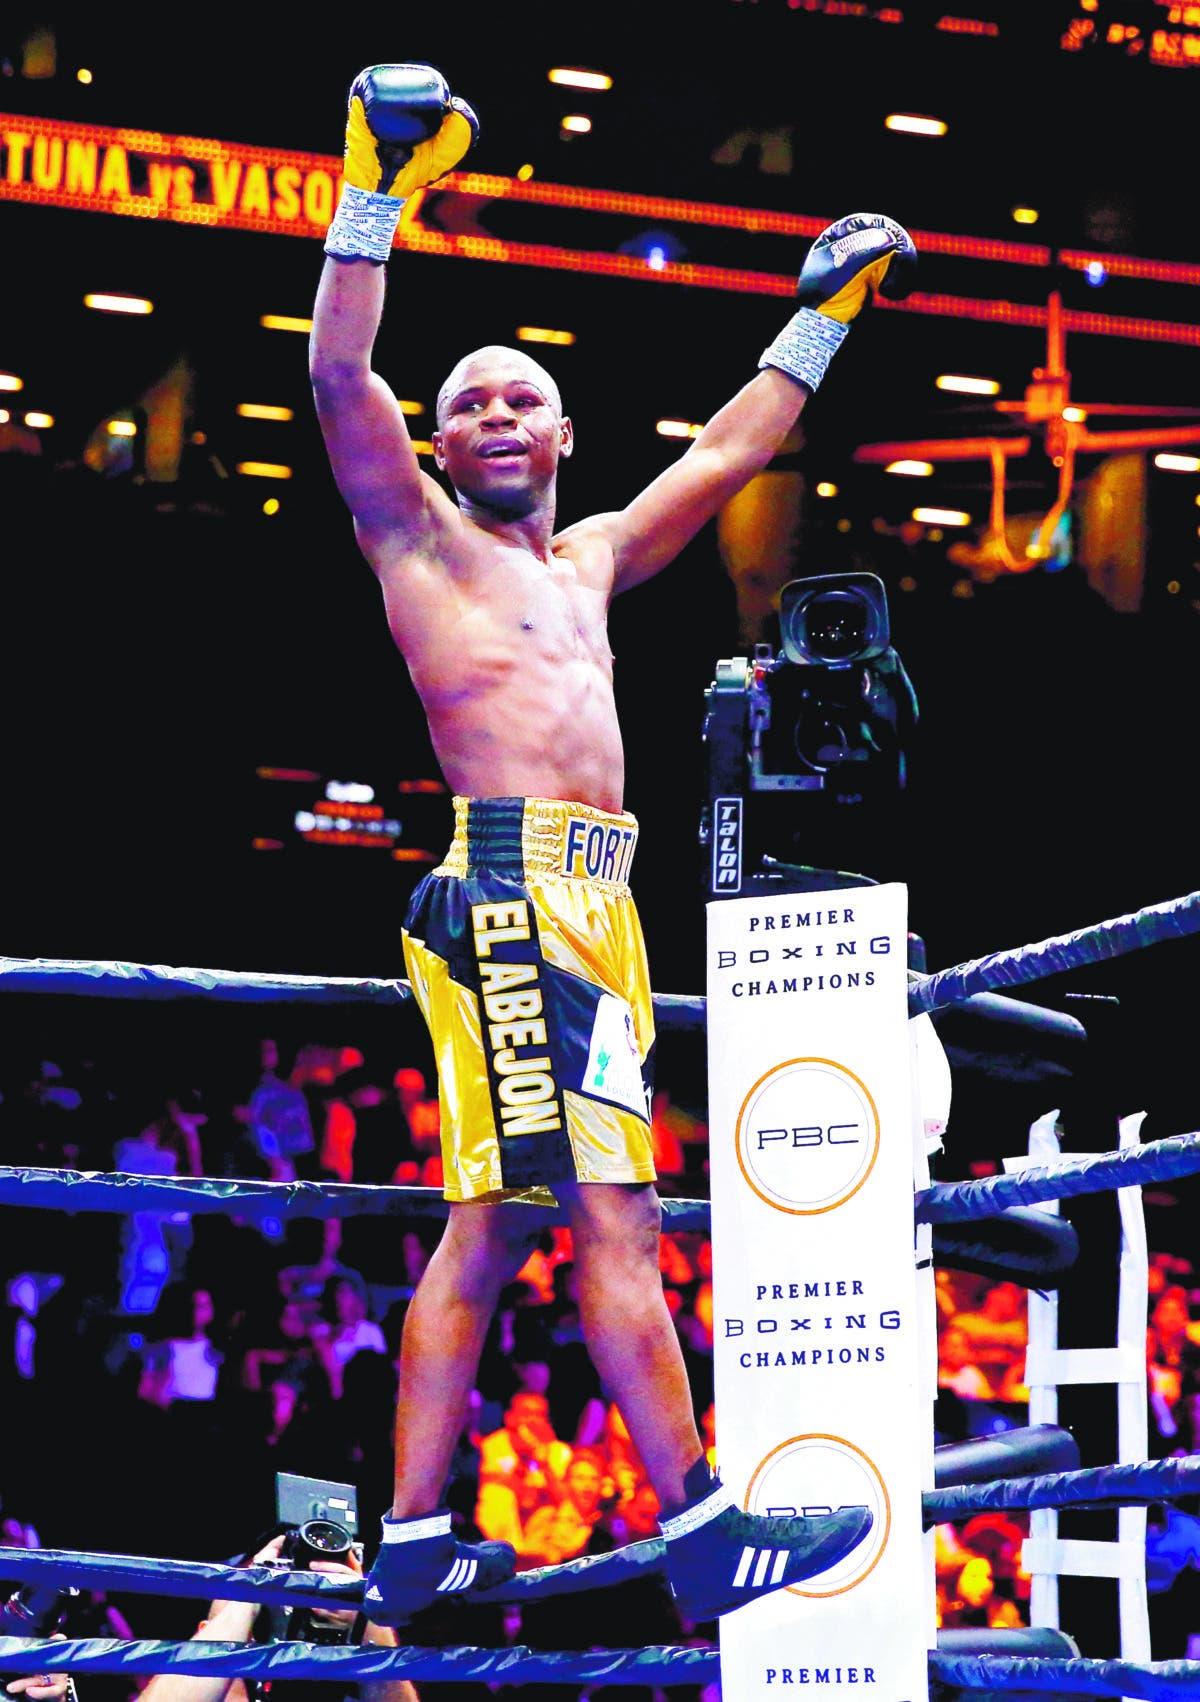 Javier Fortuna buscará hoy hacer historia en el boxeo